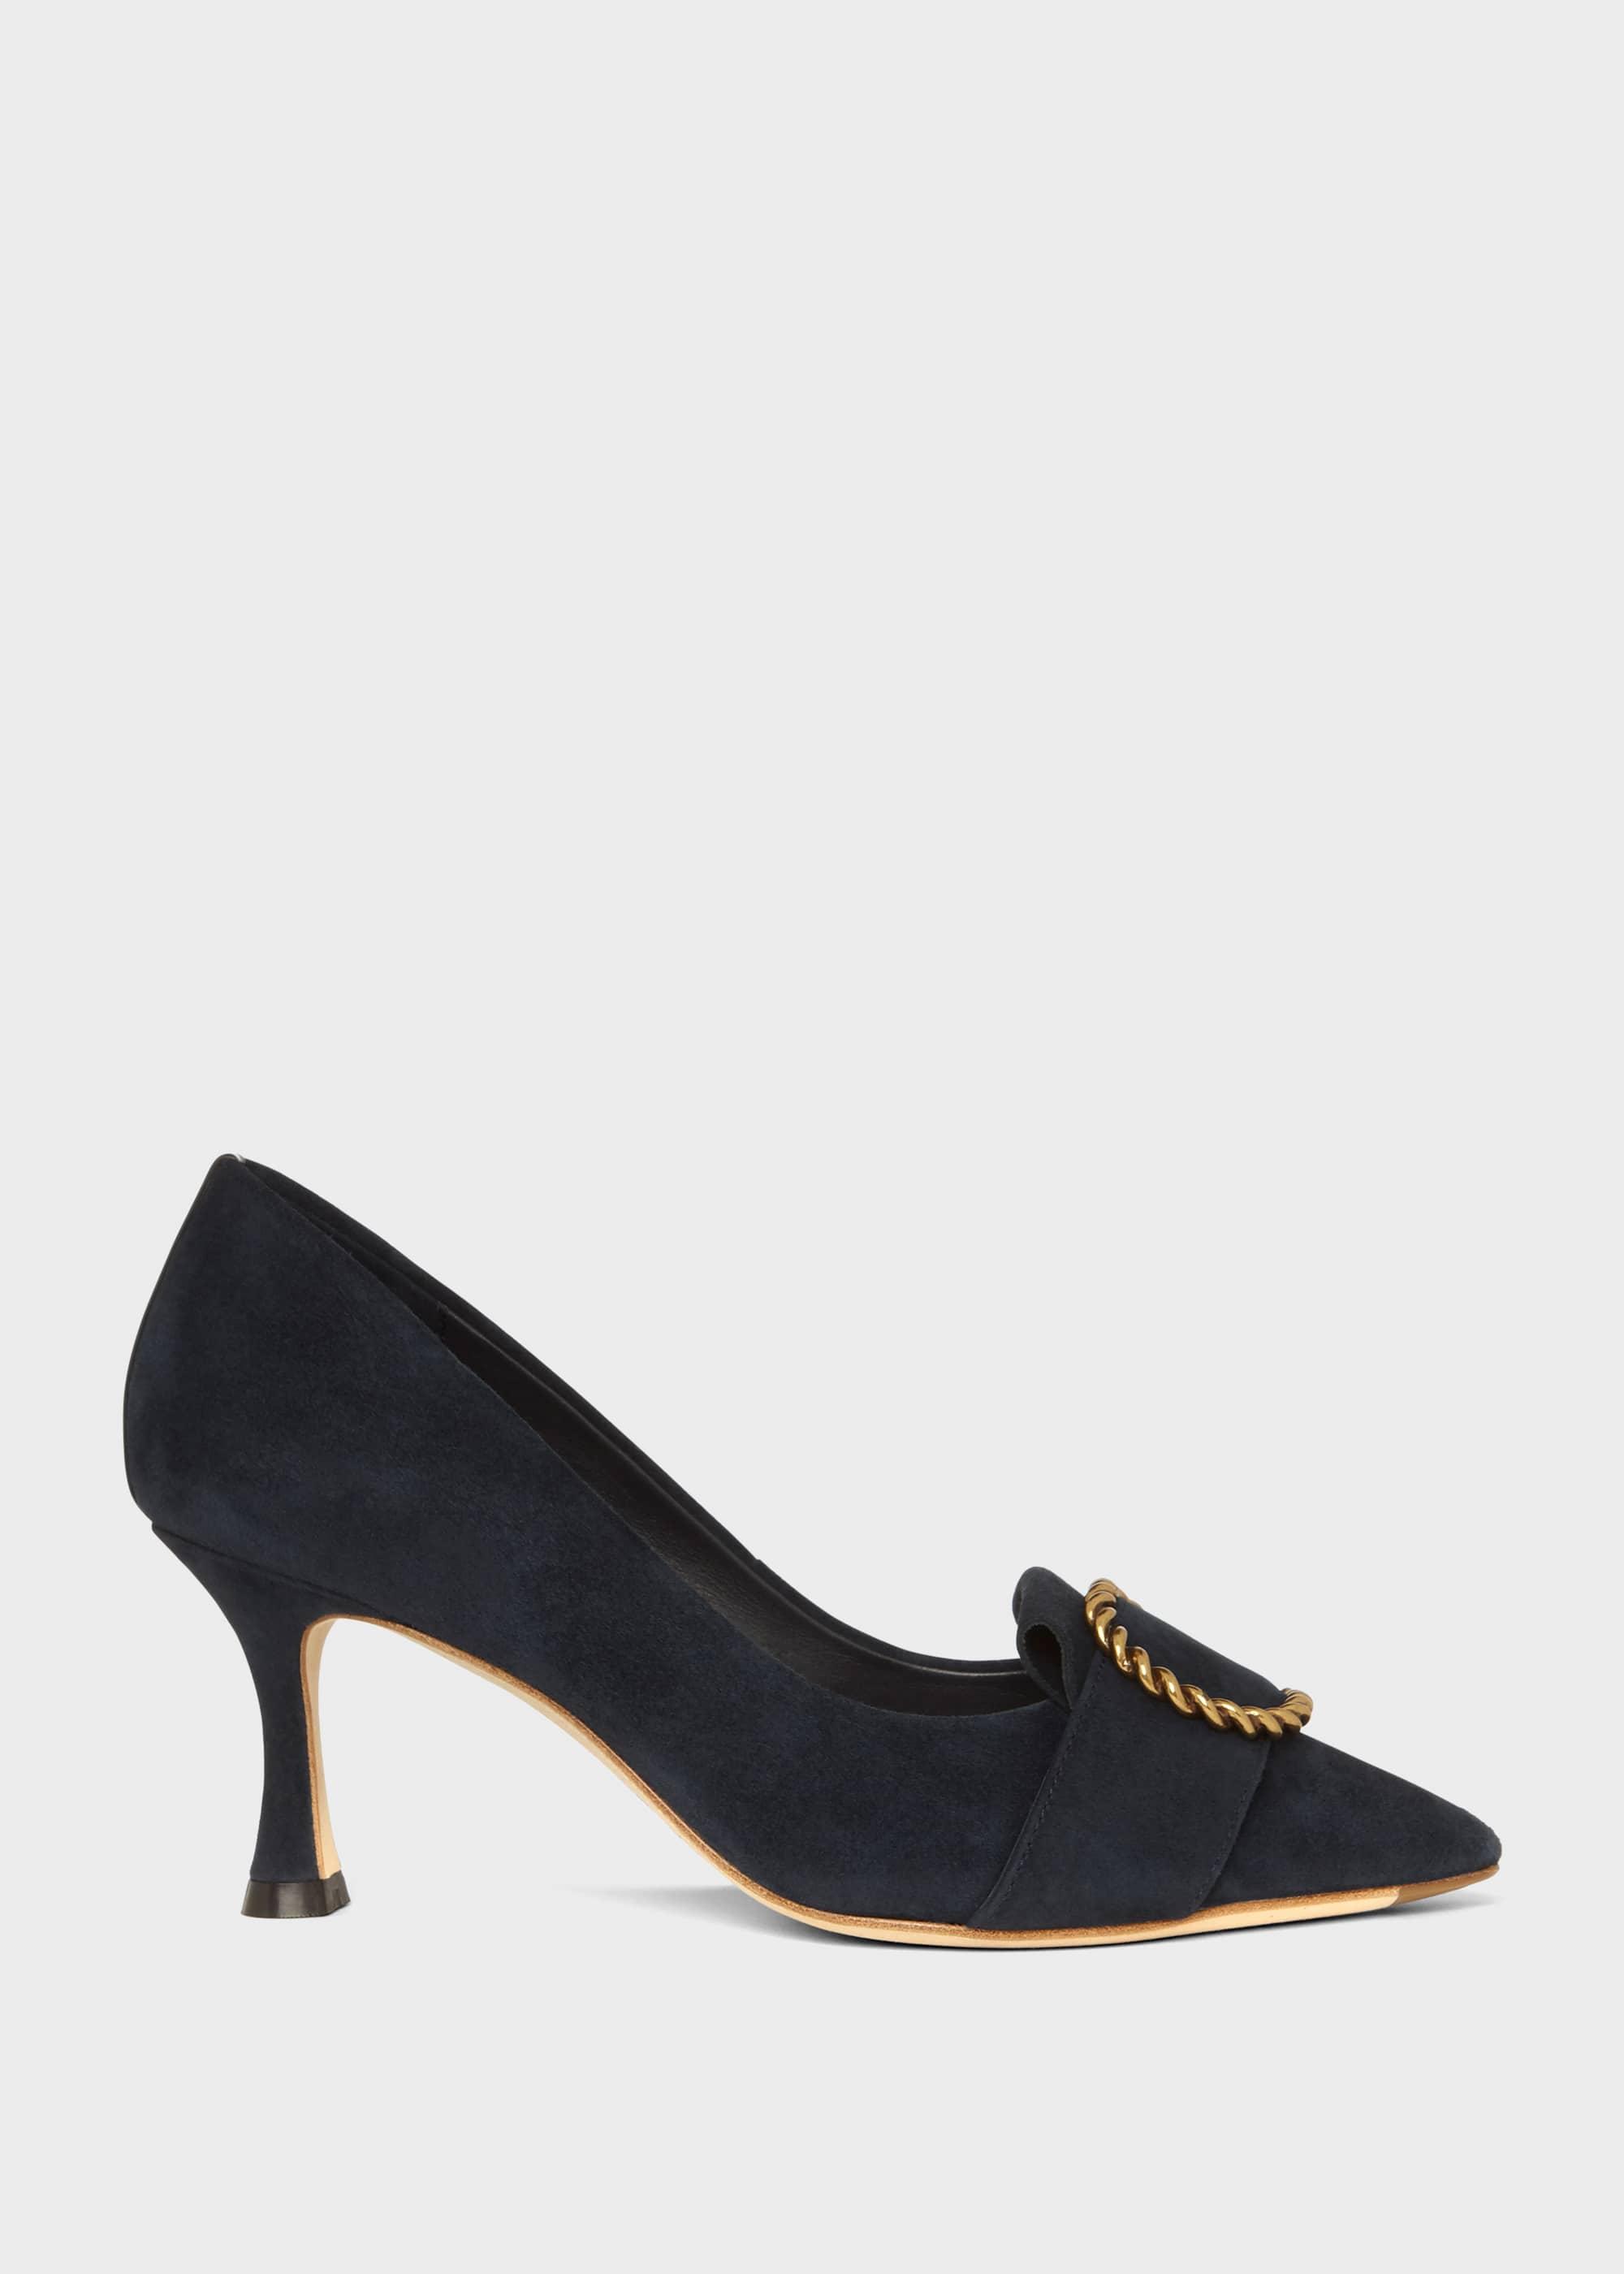 Hobbs Women Eliza Suede Court Shoes